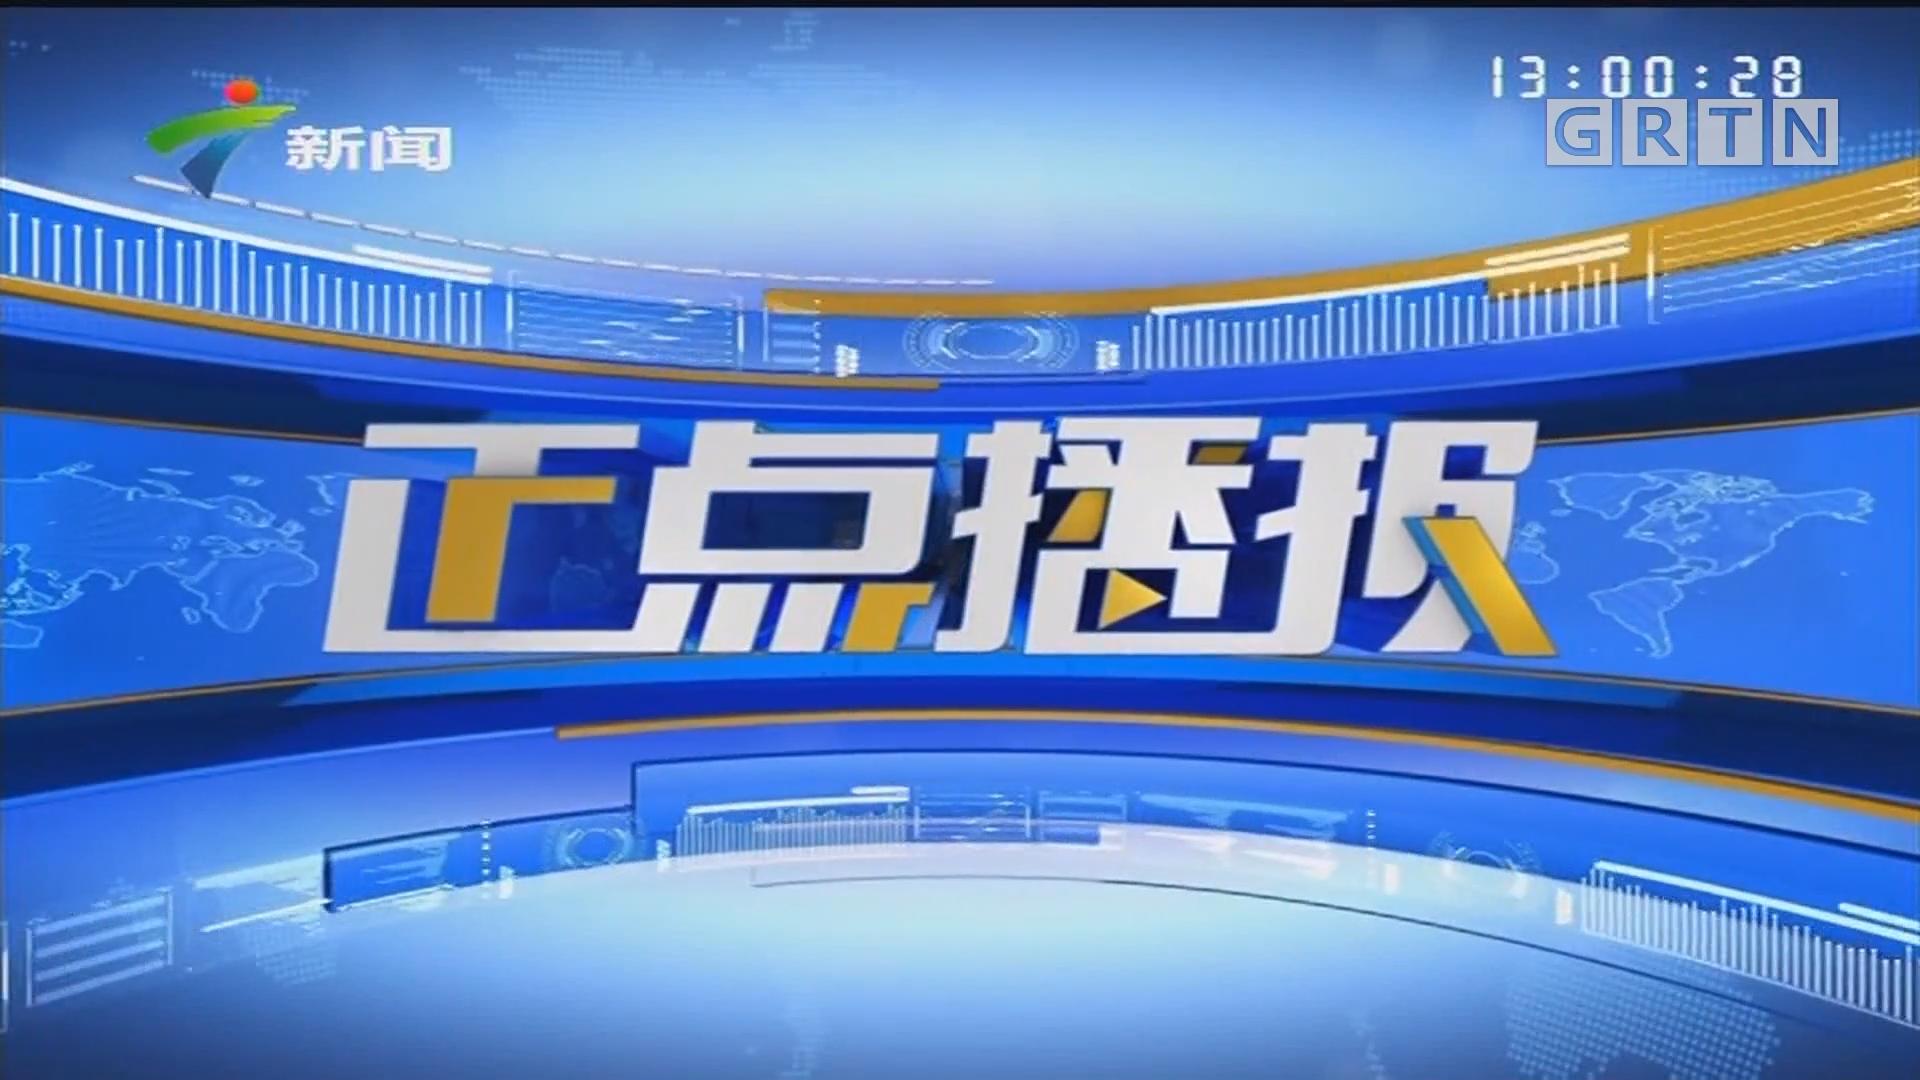 [HD][2019-10-07]正点播报:重阳节 敬老孝老 广州:免费的长者饭堂 累计接待8万多老人